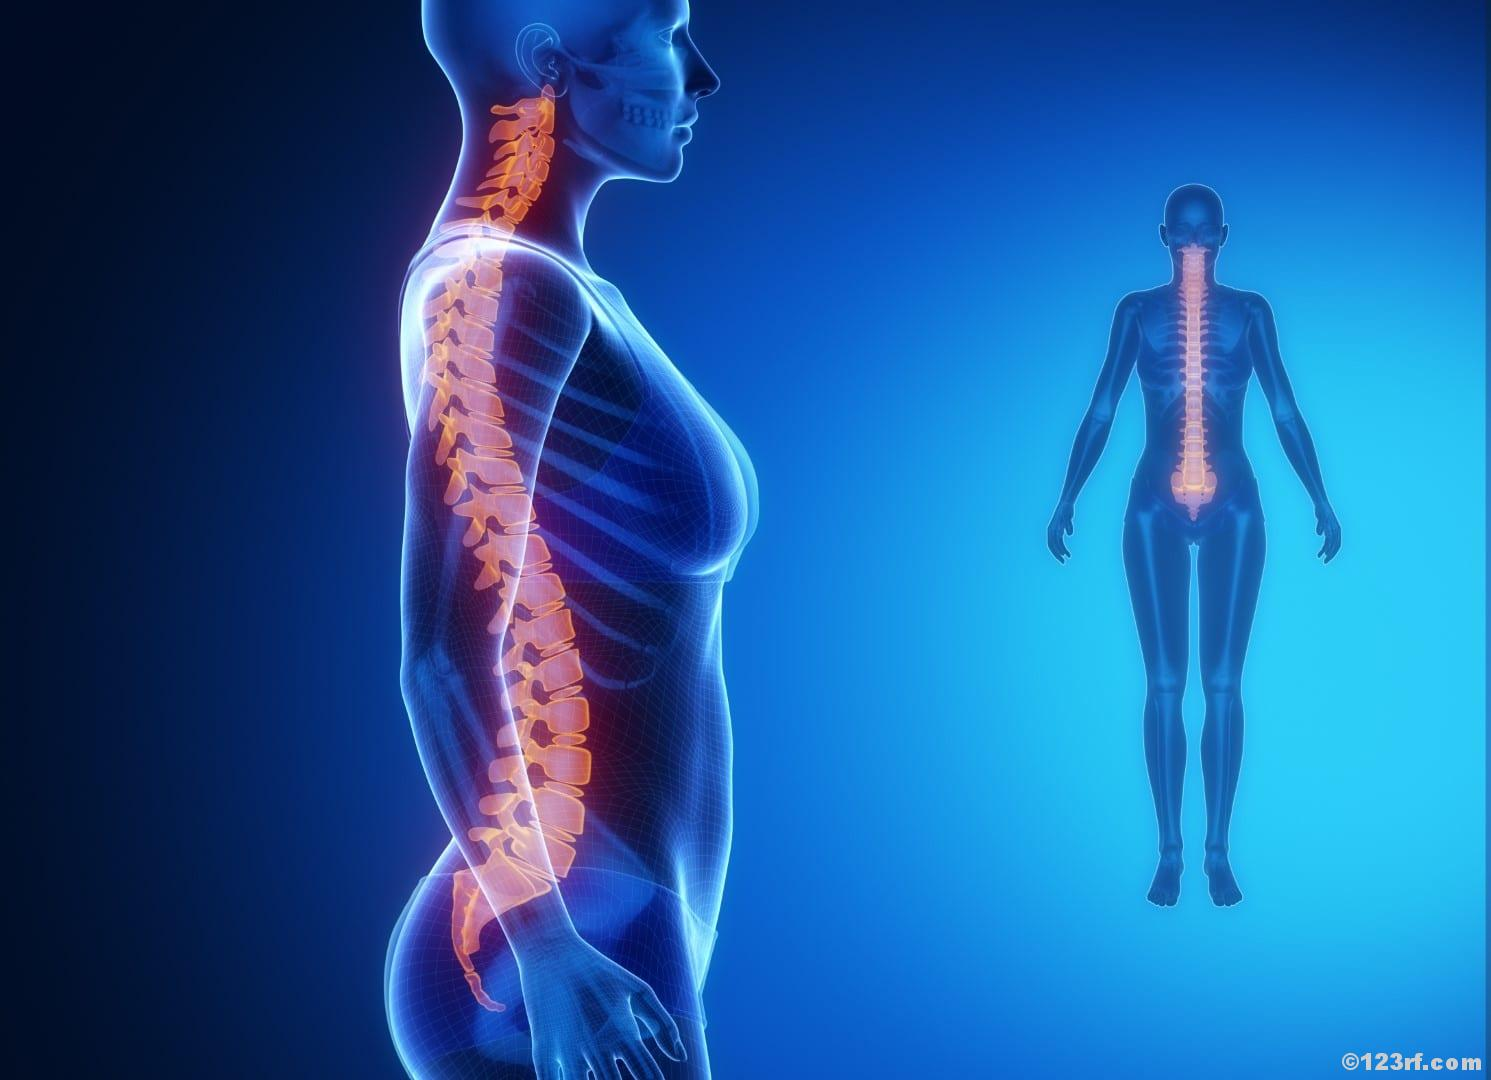 Wirbelsäule Rückenbeschwerden Checkliste Beckenboden